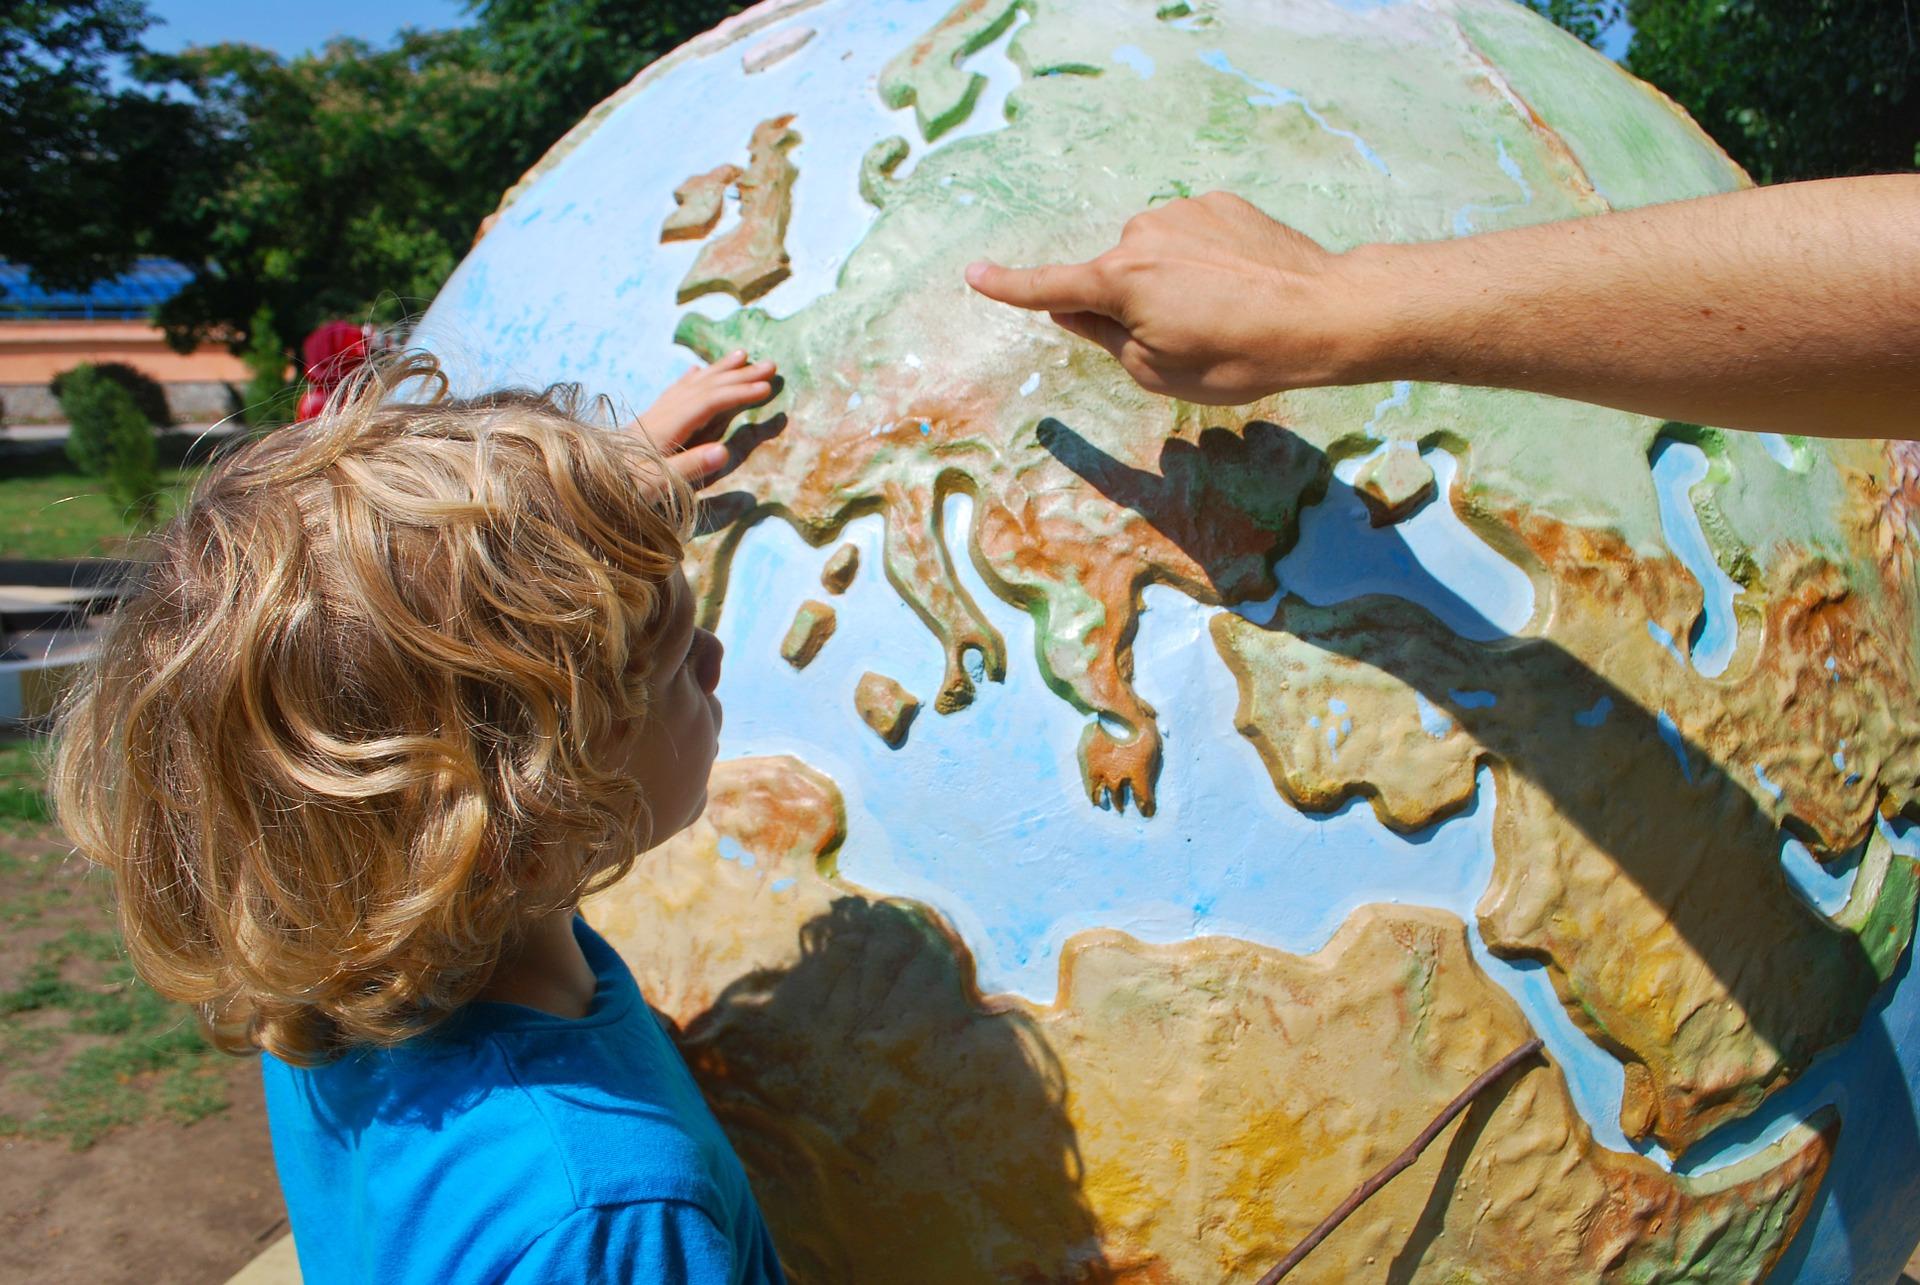 pasqua 2020 dove andare con bambini